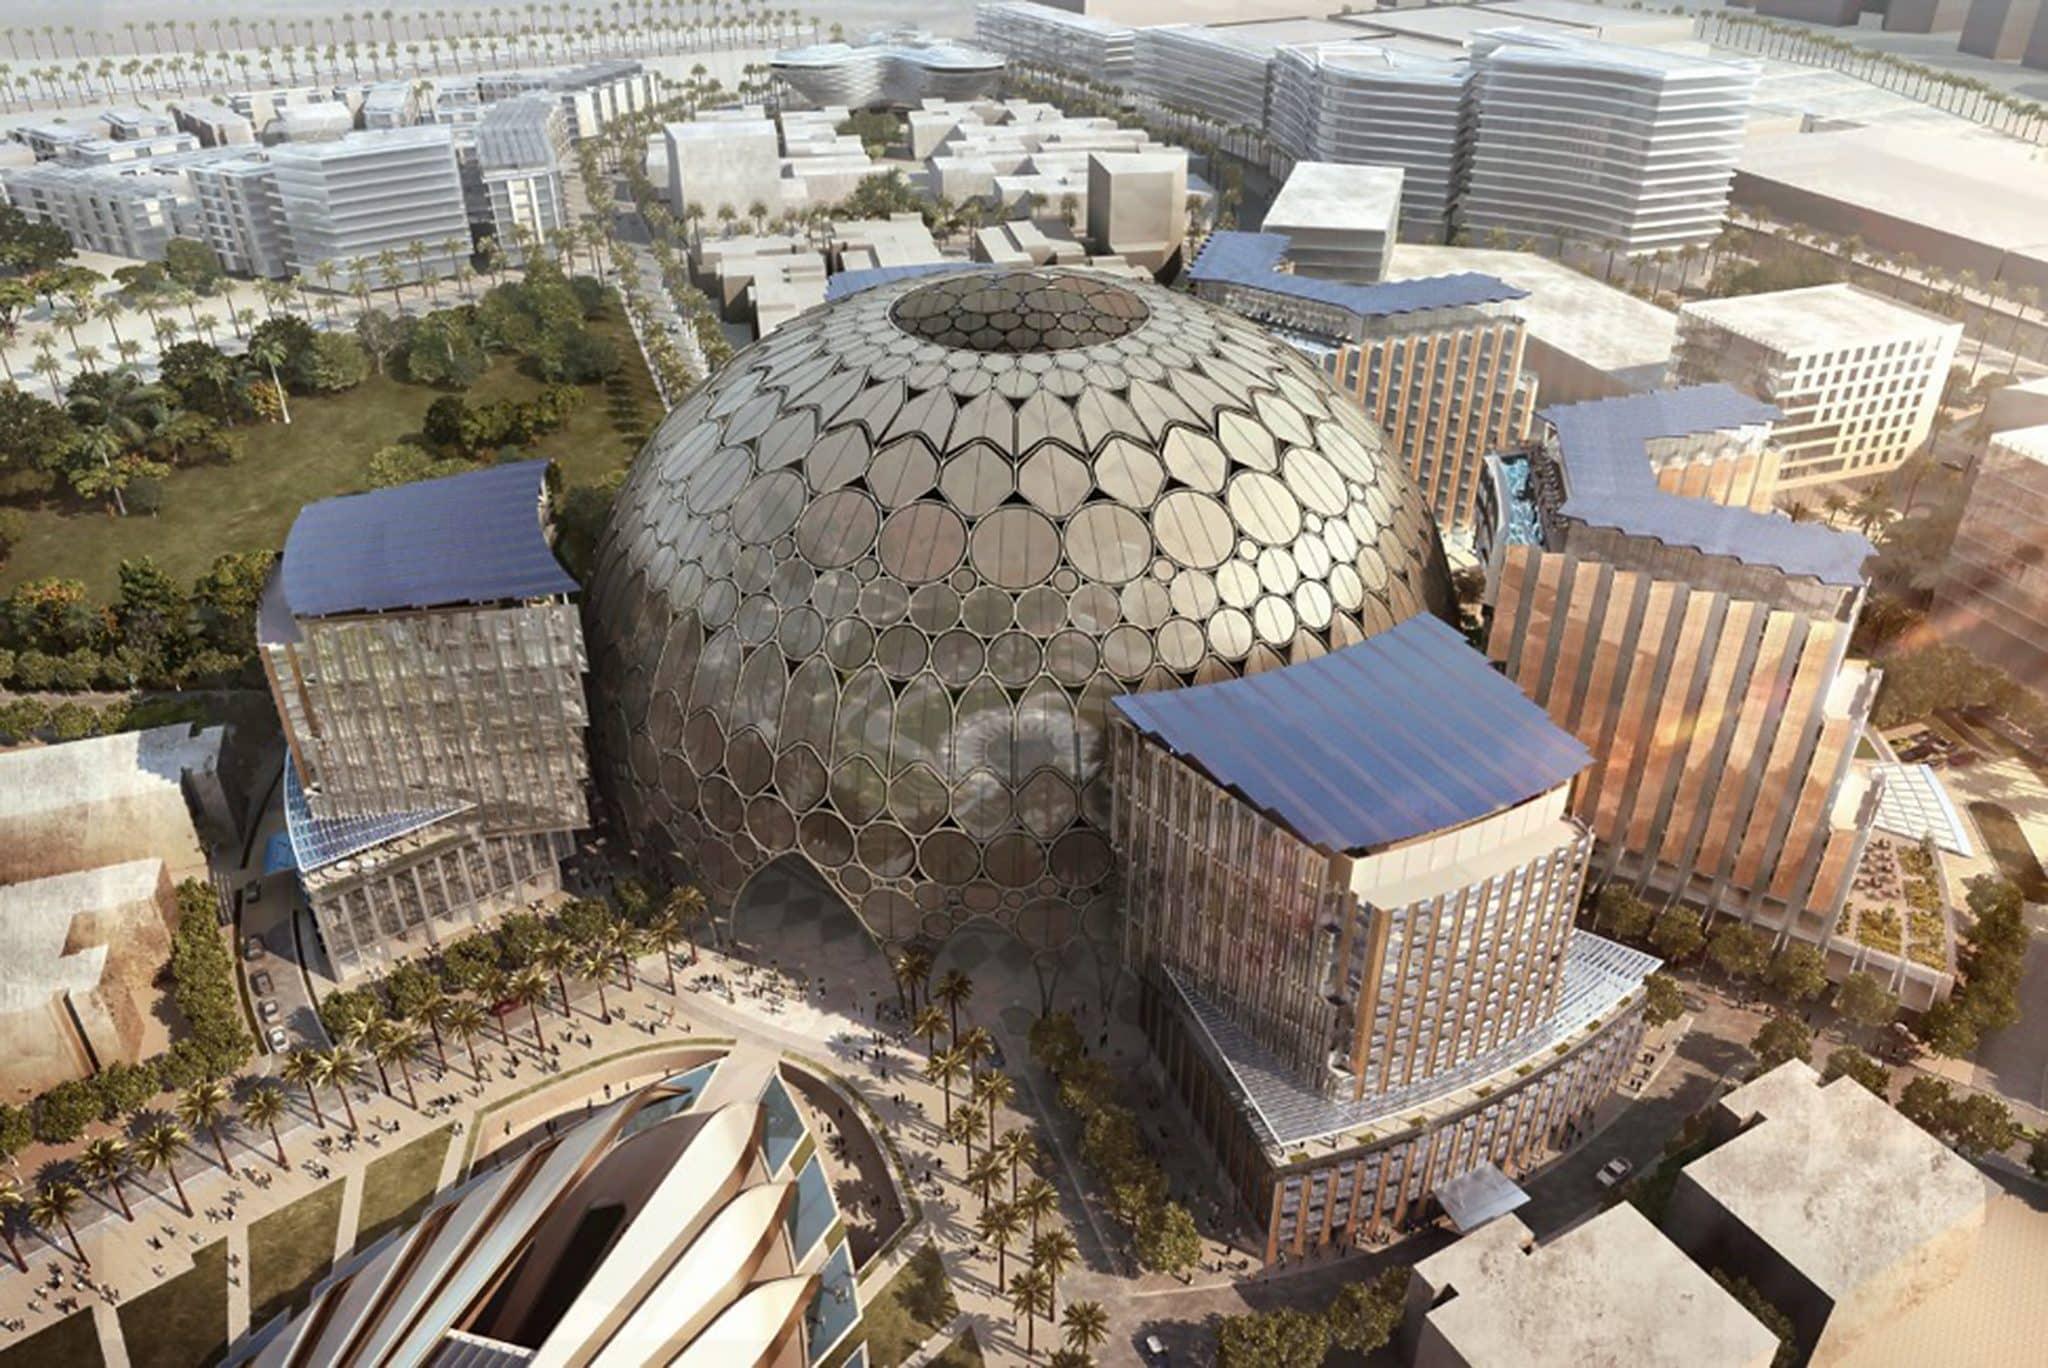 Al Wasl - kupola s najvacsiou sferickou projekciou na svete